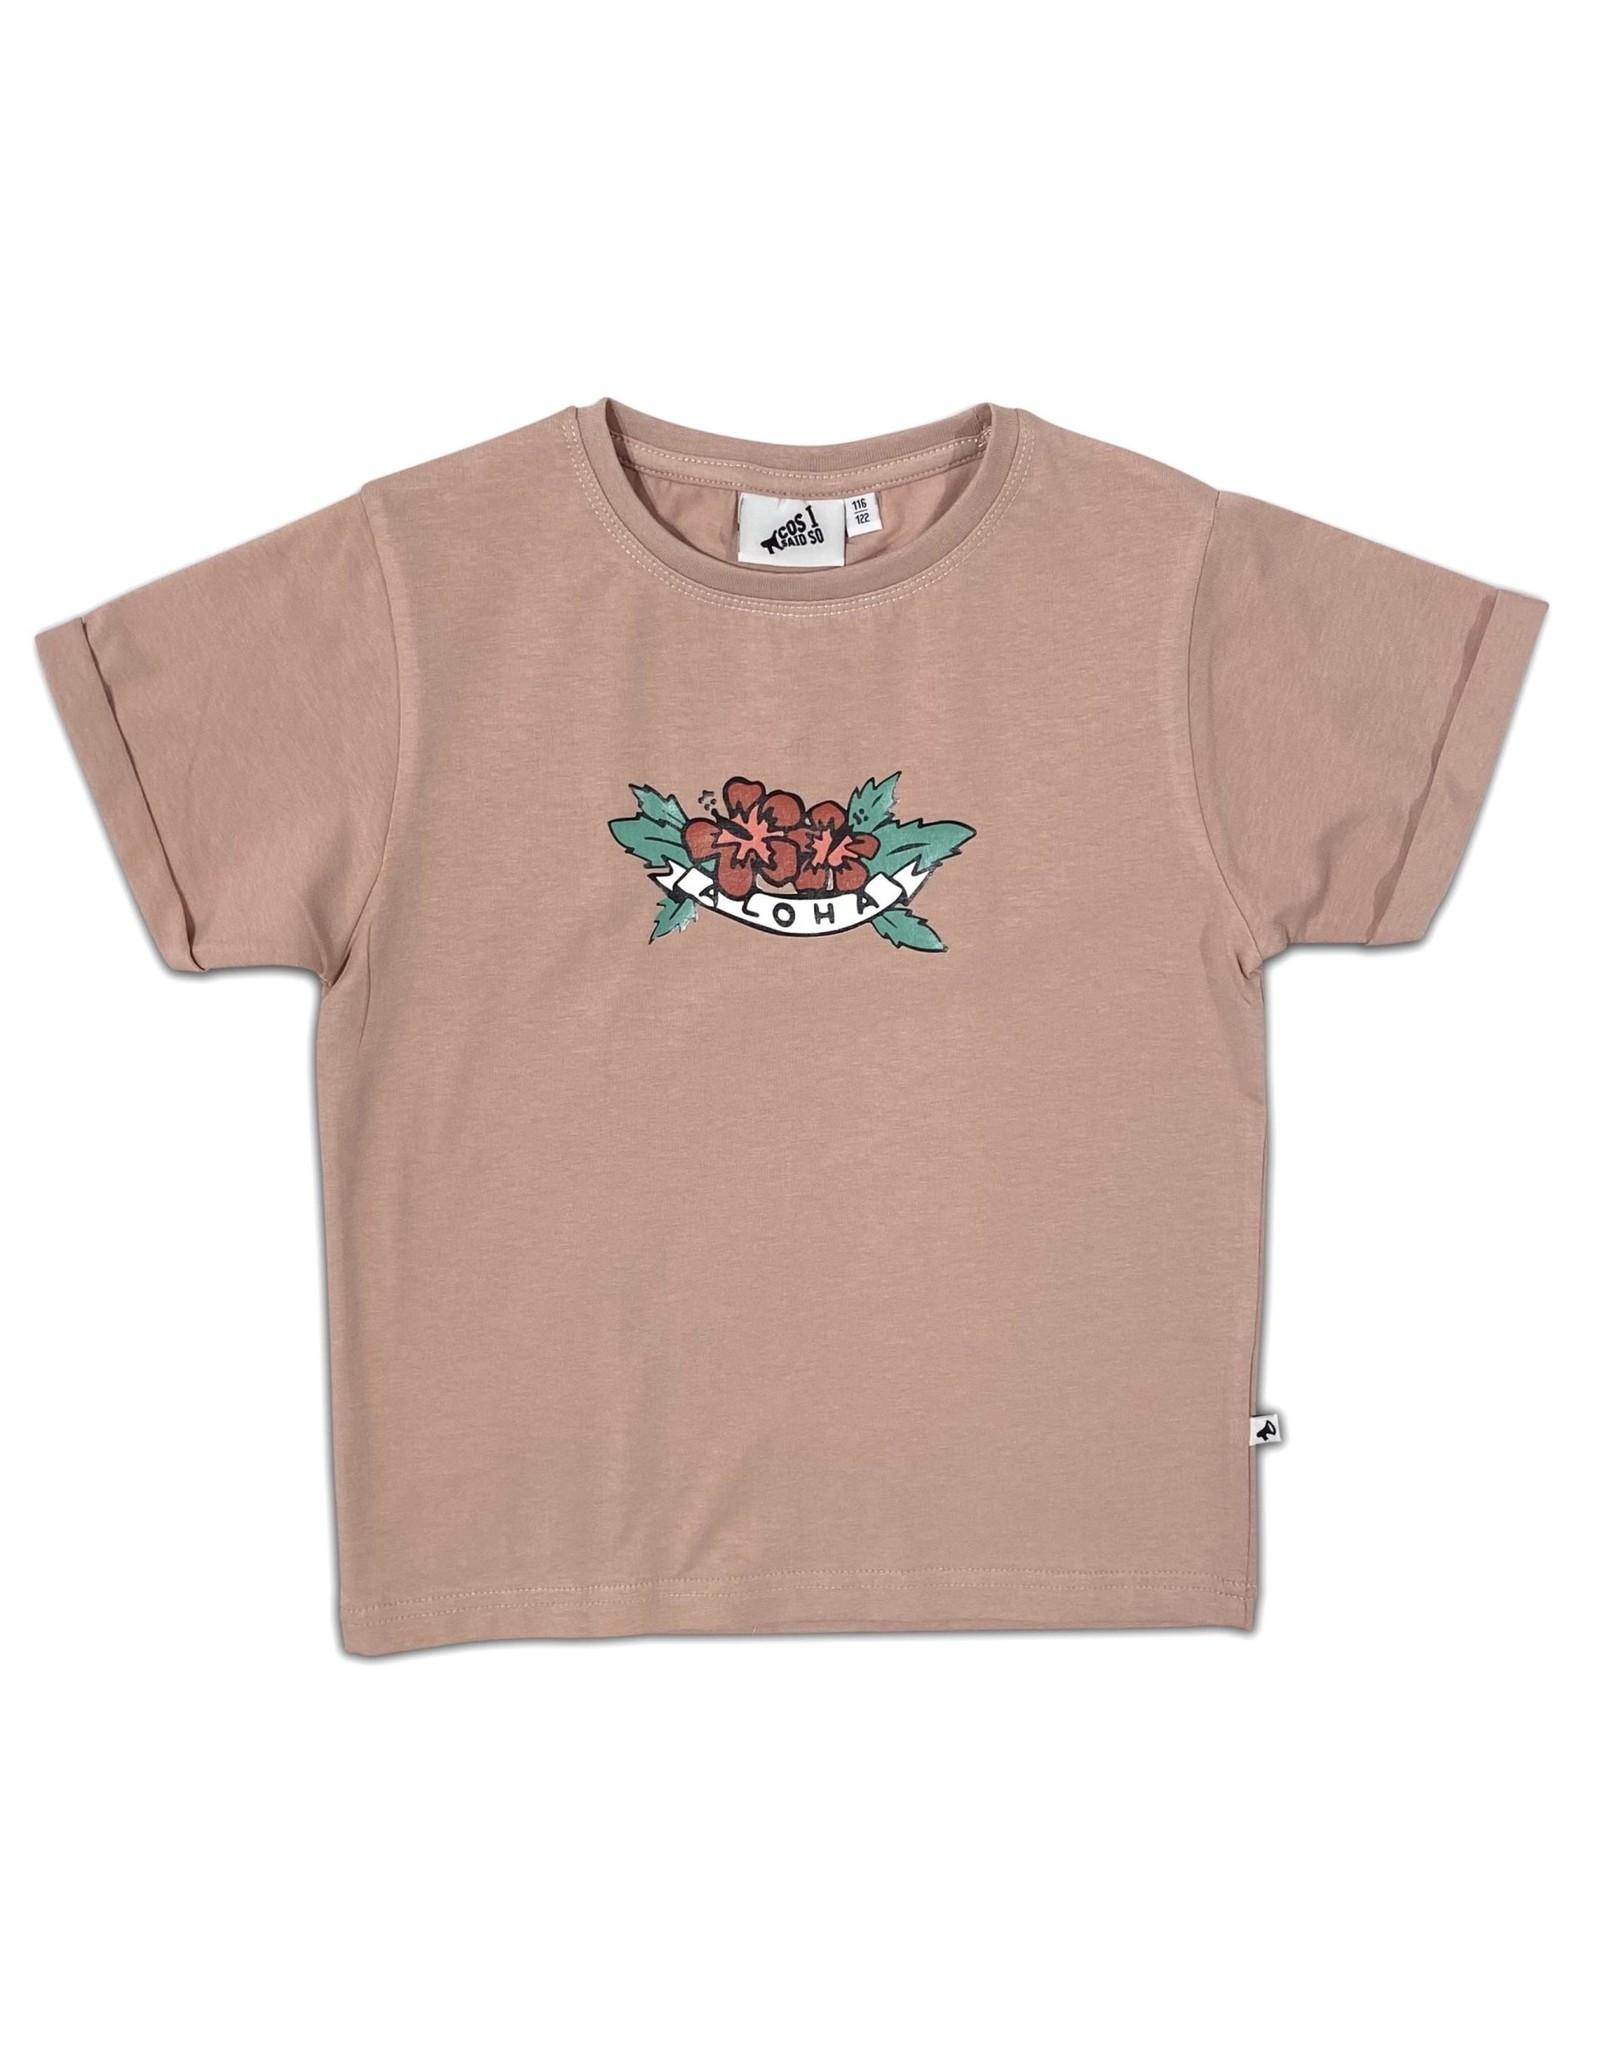 COS I SAID SO Aloha T-shirt